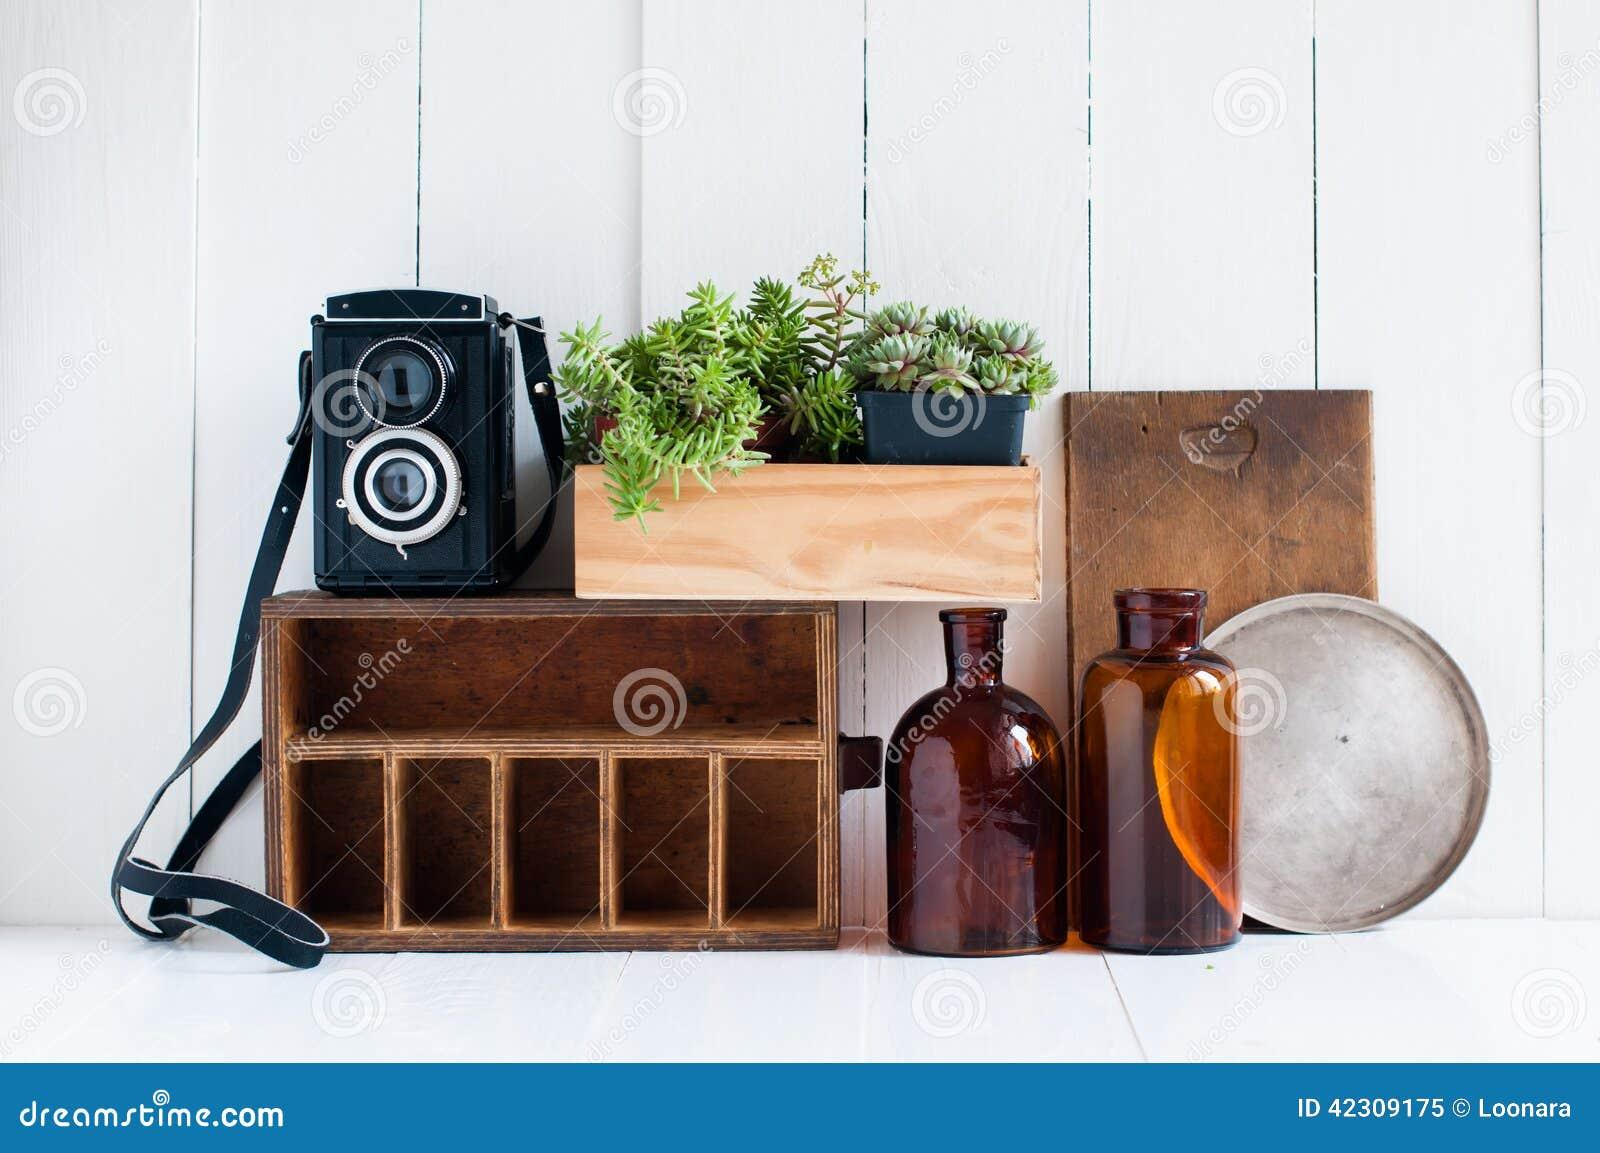 Retro home decor stock photo image 42309175 for Retro home decorations